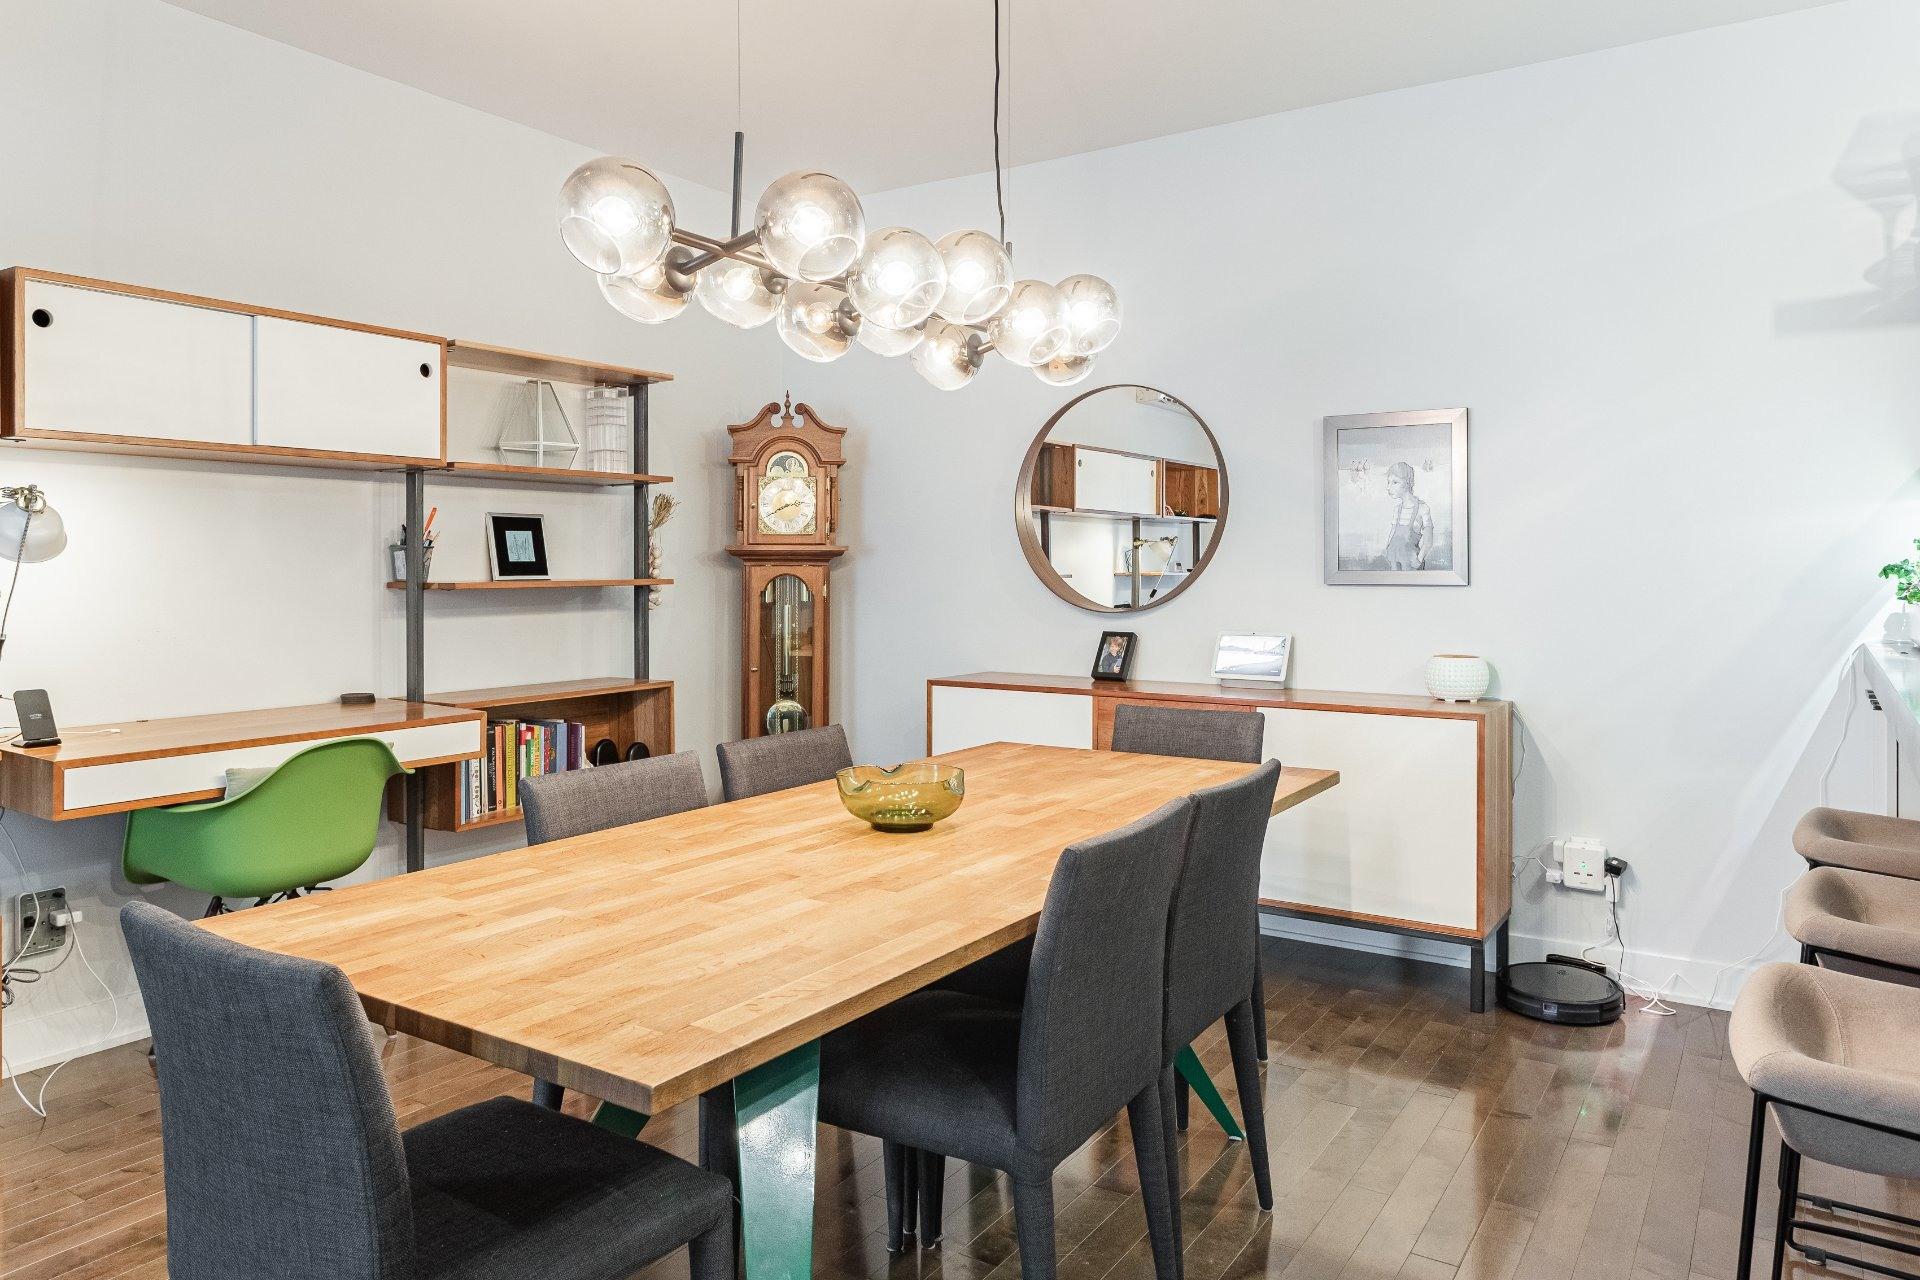 image 4 - Appartement À louer Rosemont/La Petite-Patrie Montréal  - 8 pièces